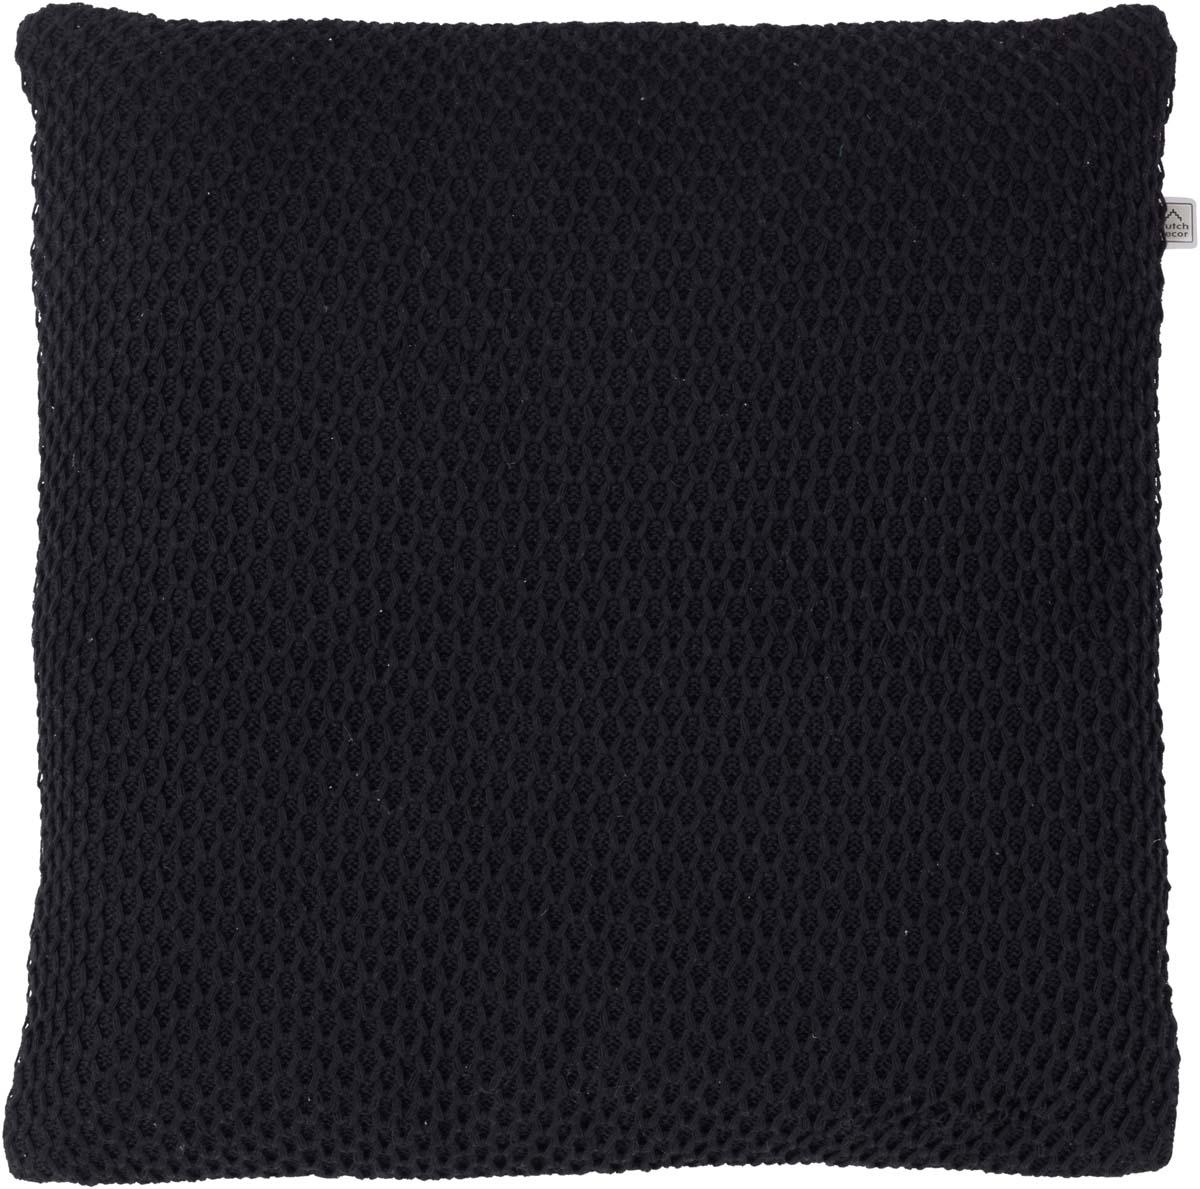 DRAGAN - Sierkussen zwart 45x45 cm